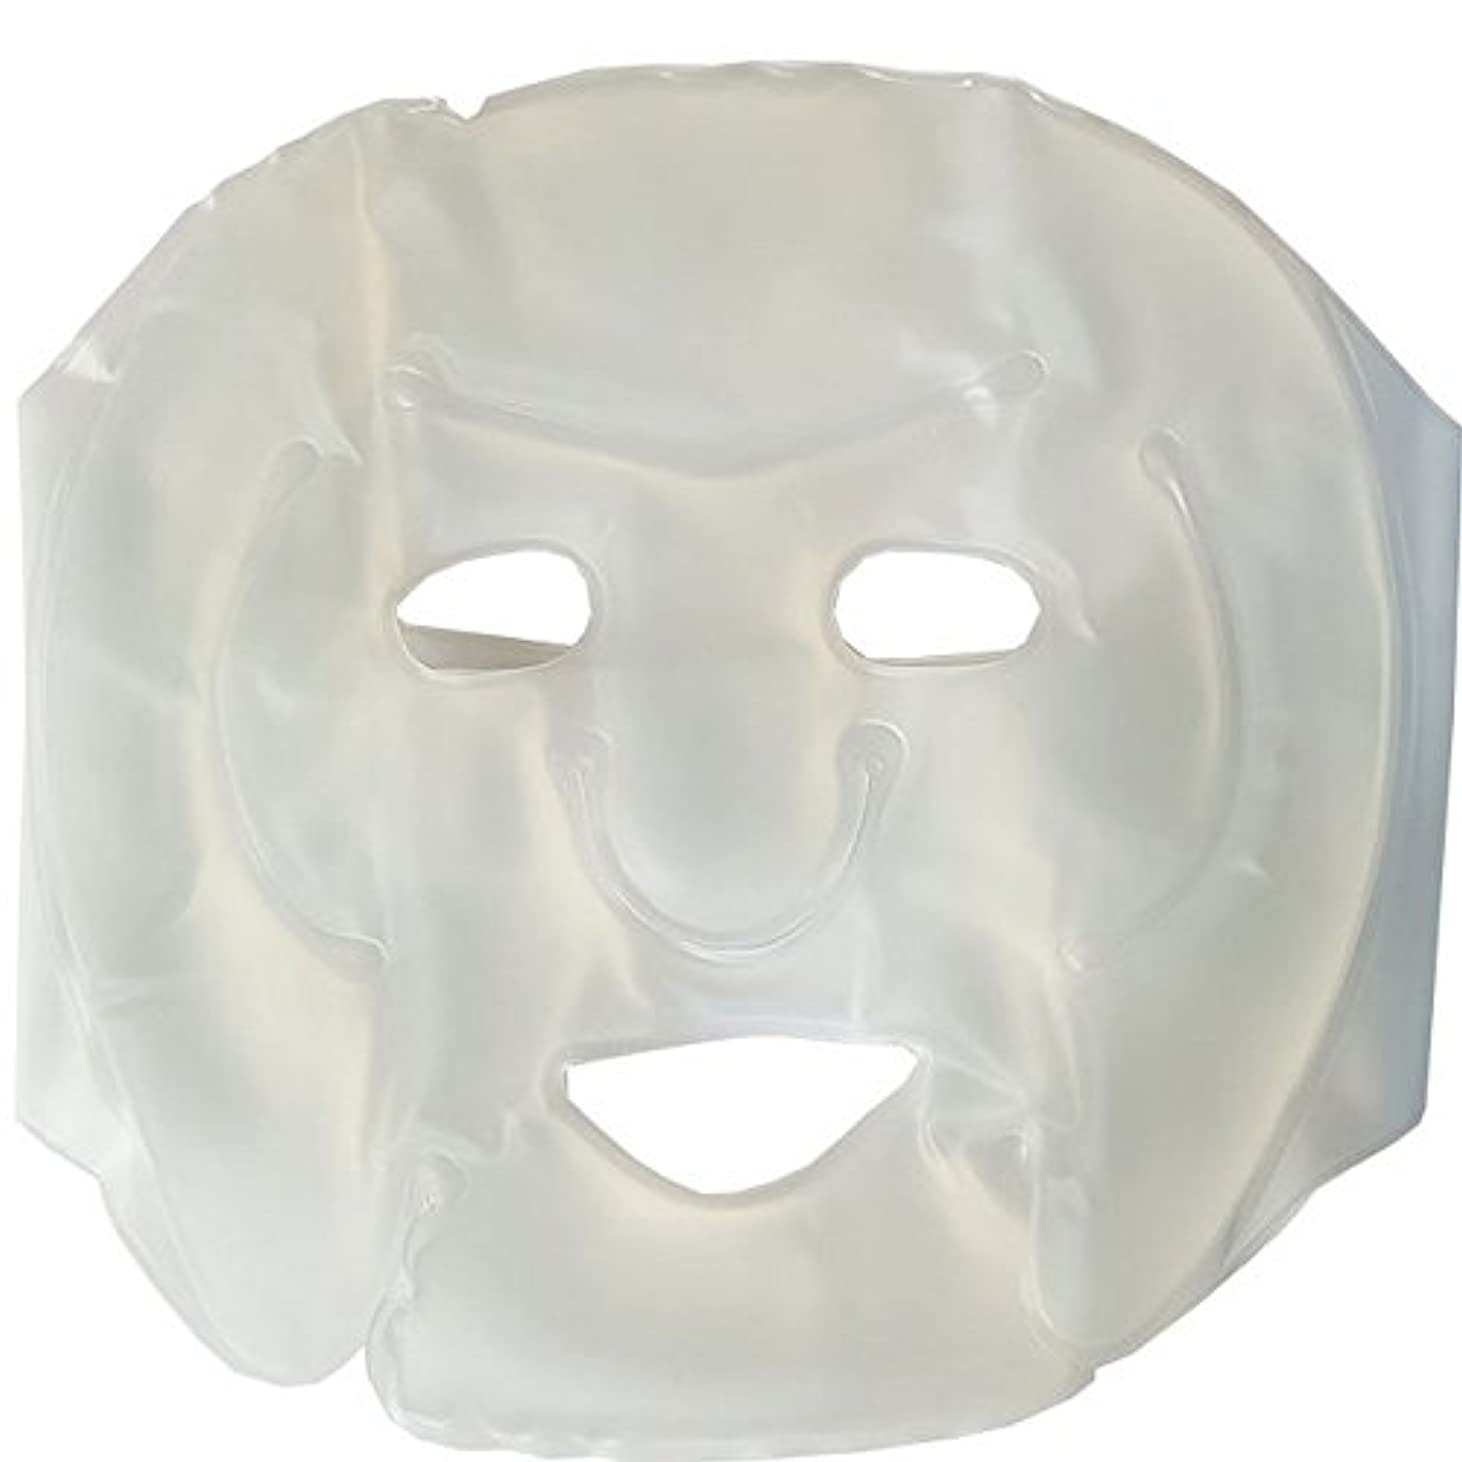 事務所光故障MDP 顔マッサージジェルマスク アイスジェルパック 冷却パック アイスマスク アイスパック レーザー後の鎮静に グリーン